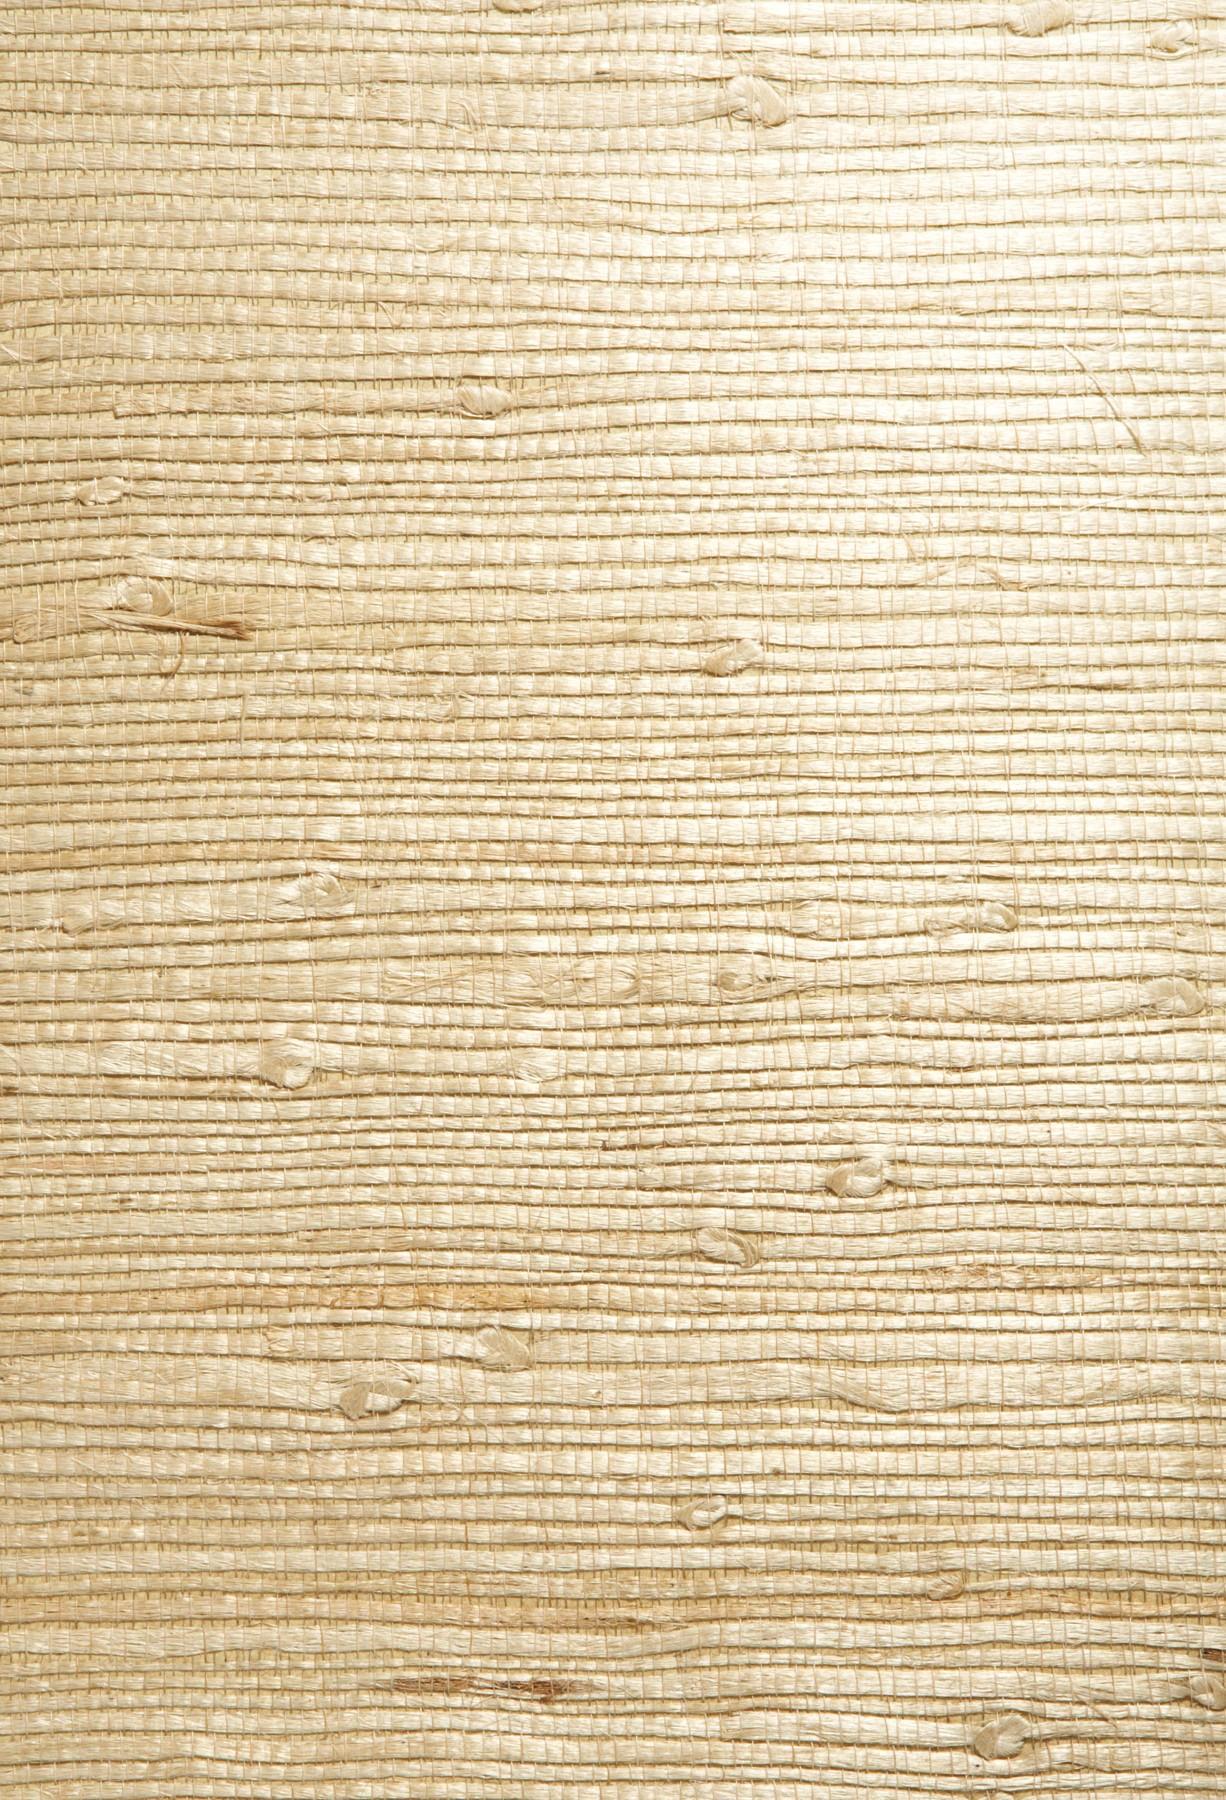 Picture of Bing Qing Beige Grasscloth Wallpaper